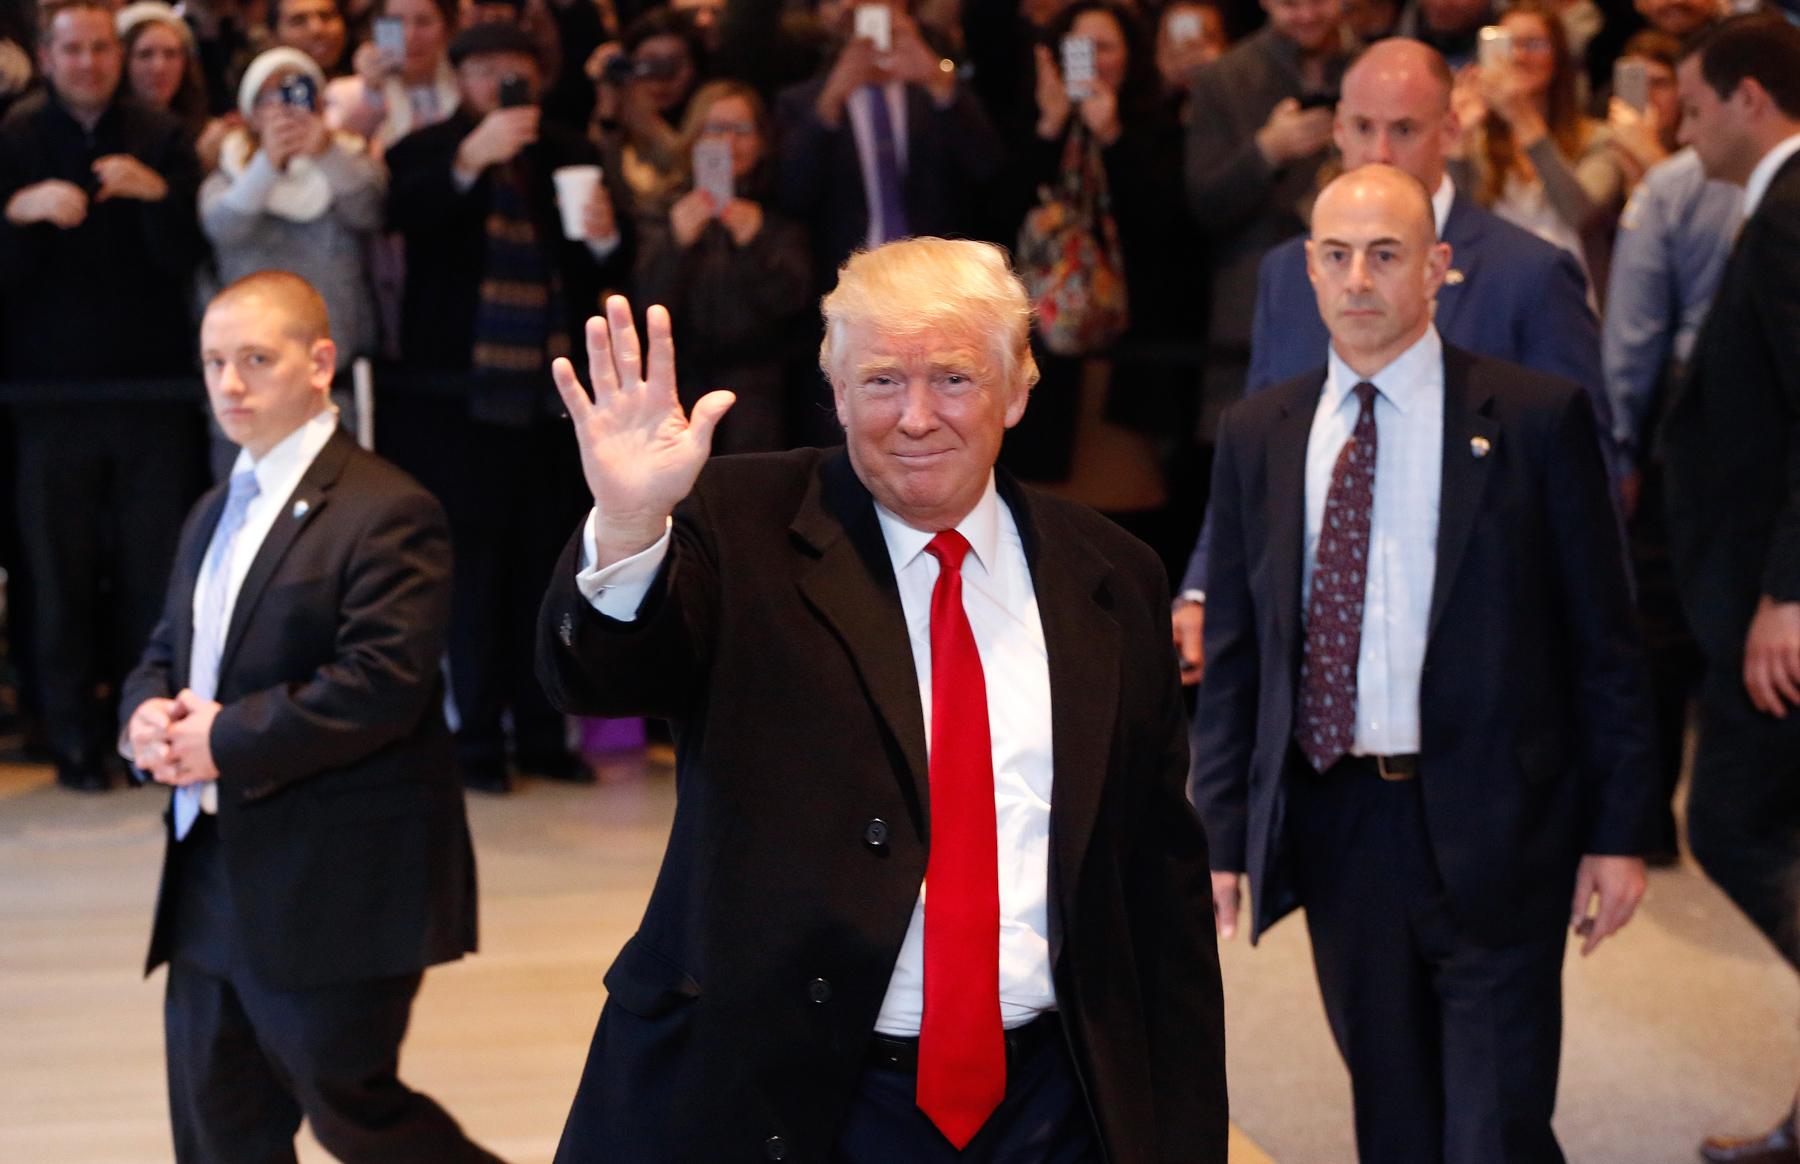 الكاتب: على ترامب فهم سبب خسارته، فهناك ملايين الناخبين الراضين عن سياساته ولكنهم صوتوا لمنافسه لأنهم سئموا الفوضى